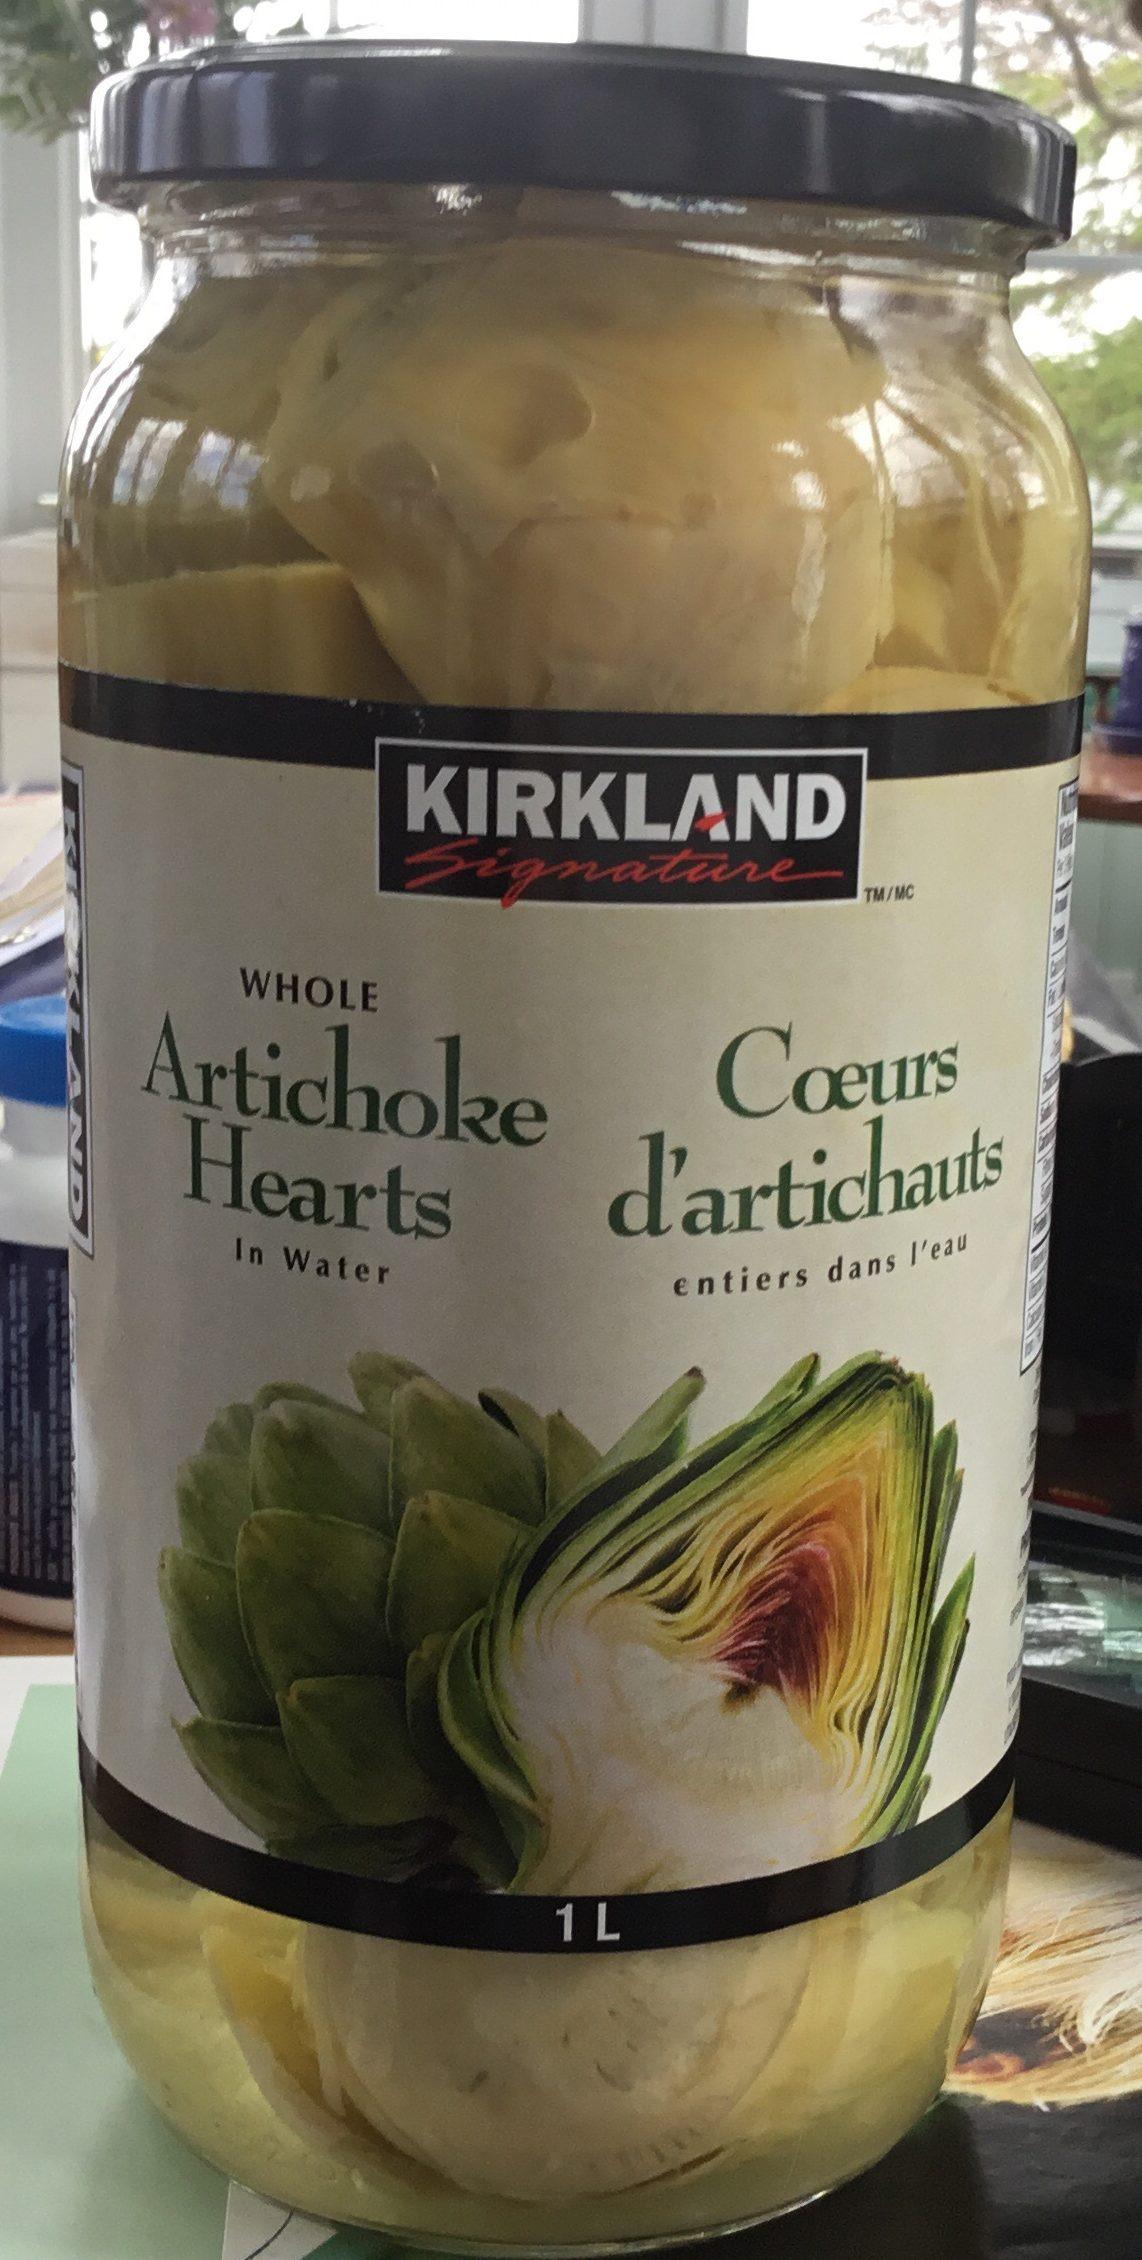 Cœurs d'artichauts - Product - fr